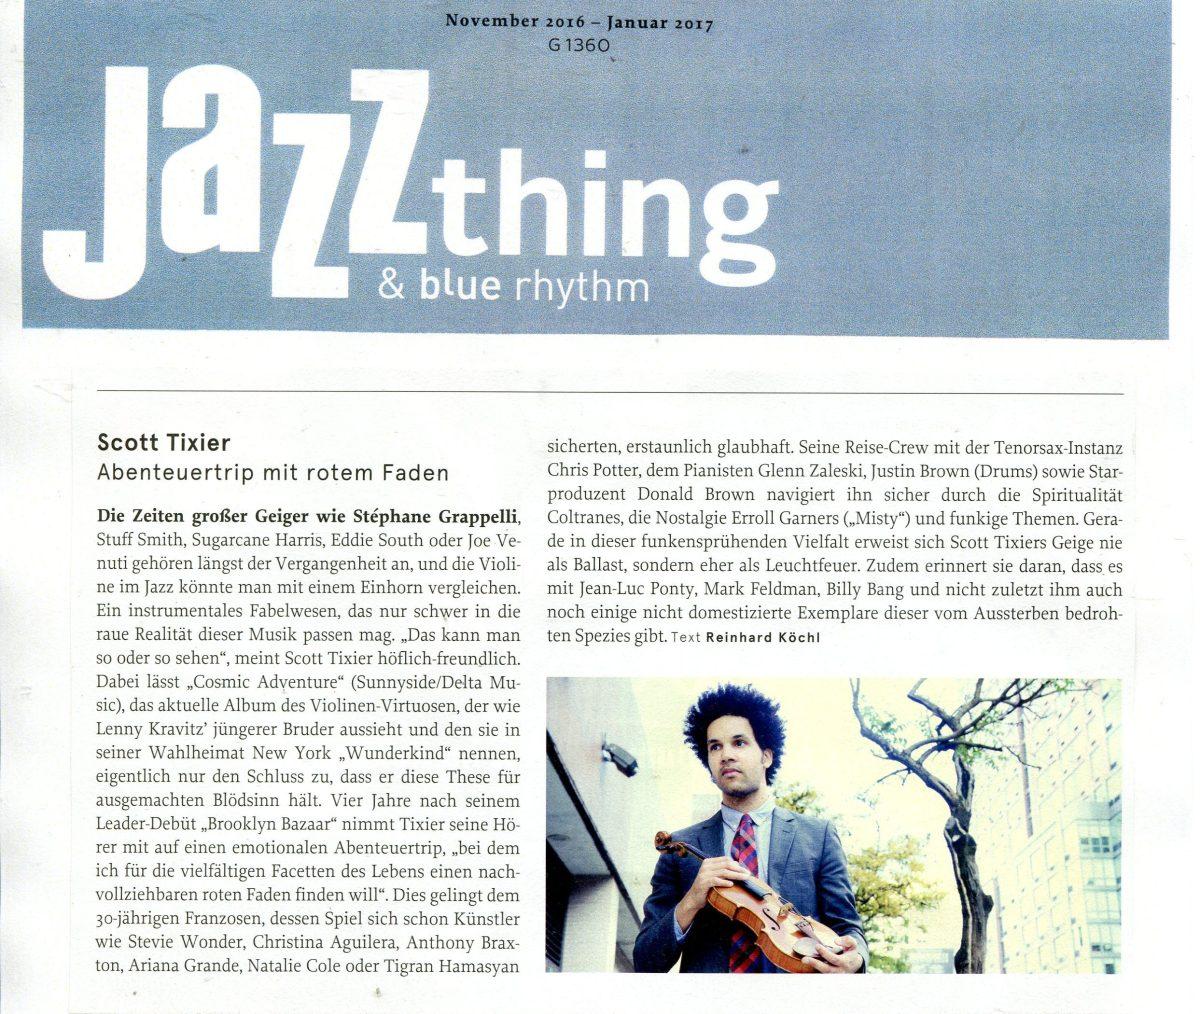 scotttixier_jazzthing